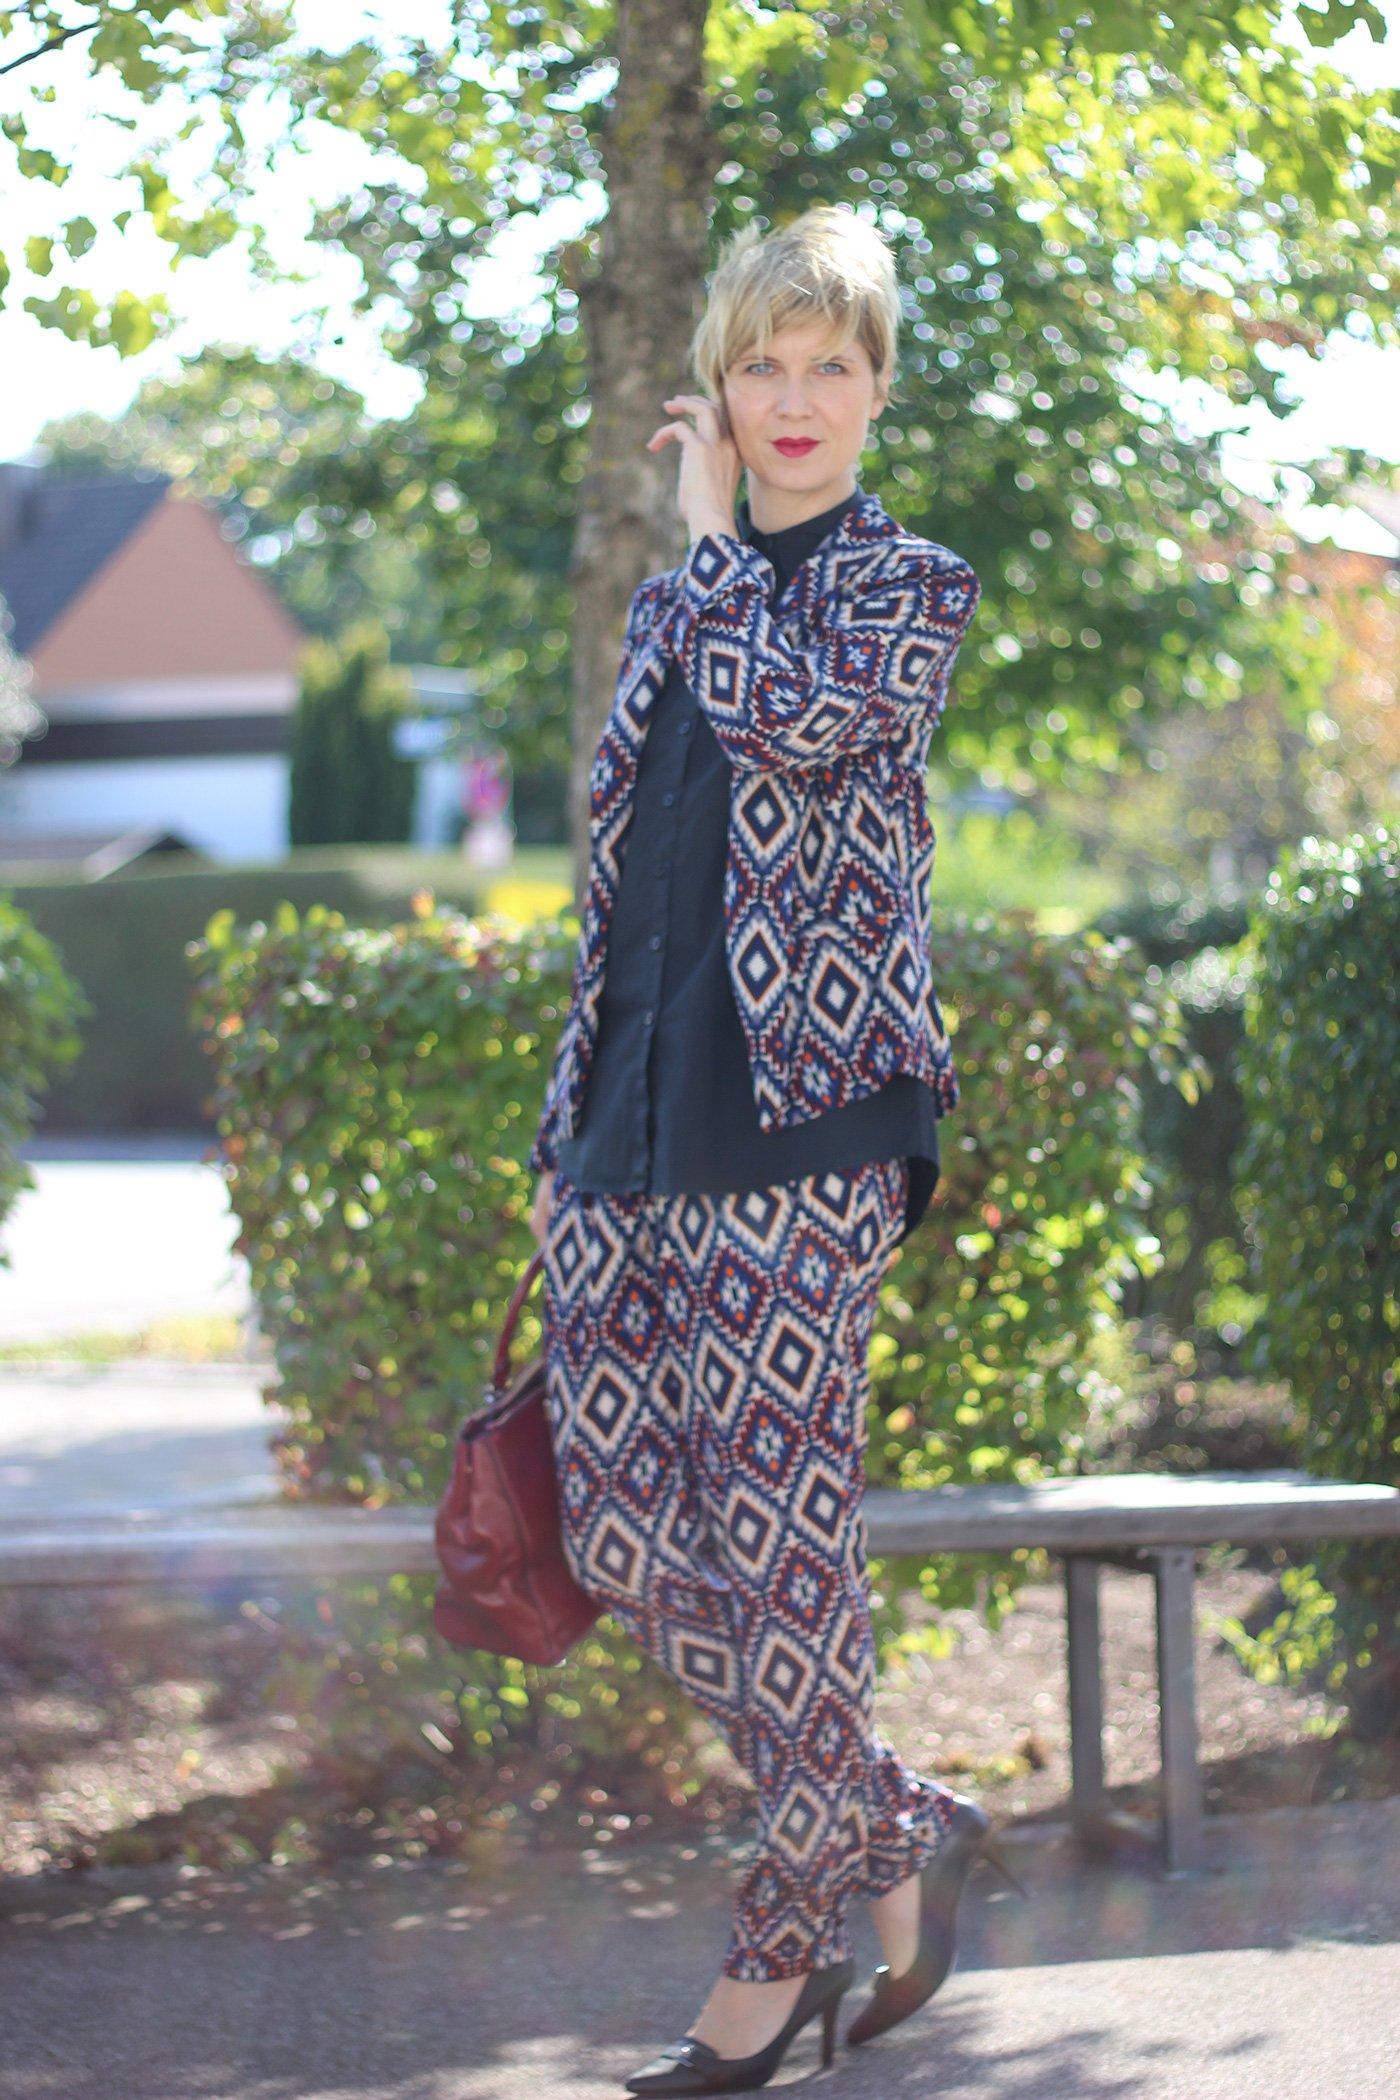 IMG_3008a_ScarletRoos_Musteranzug_Anzug_Fashion_Modeblog_Ue40